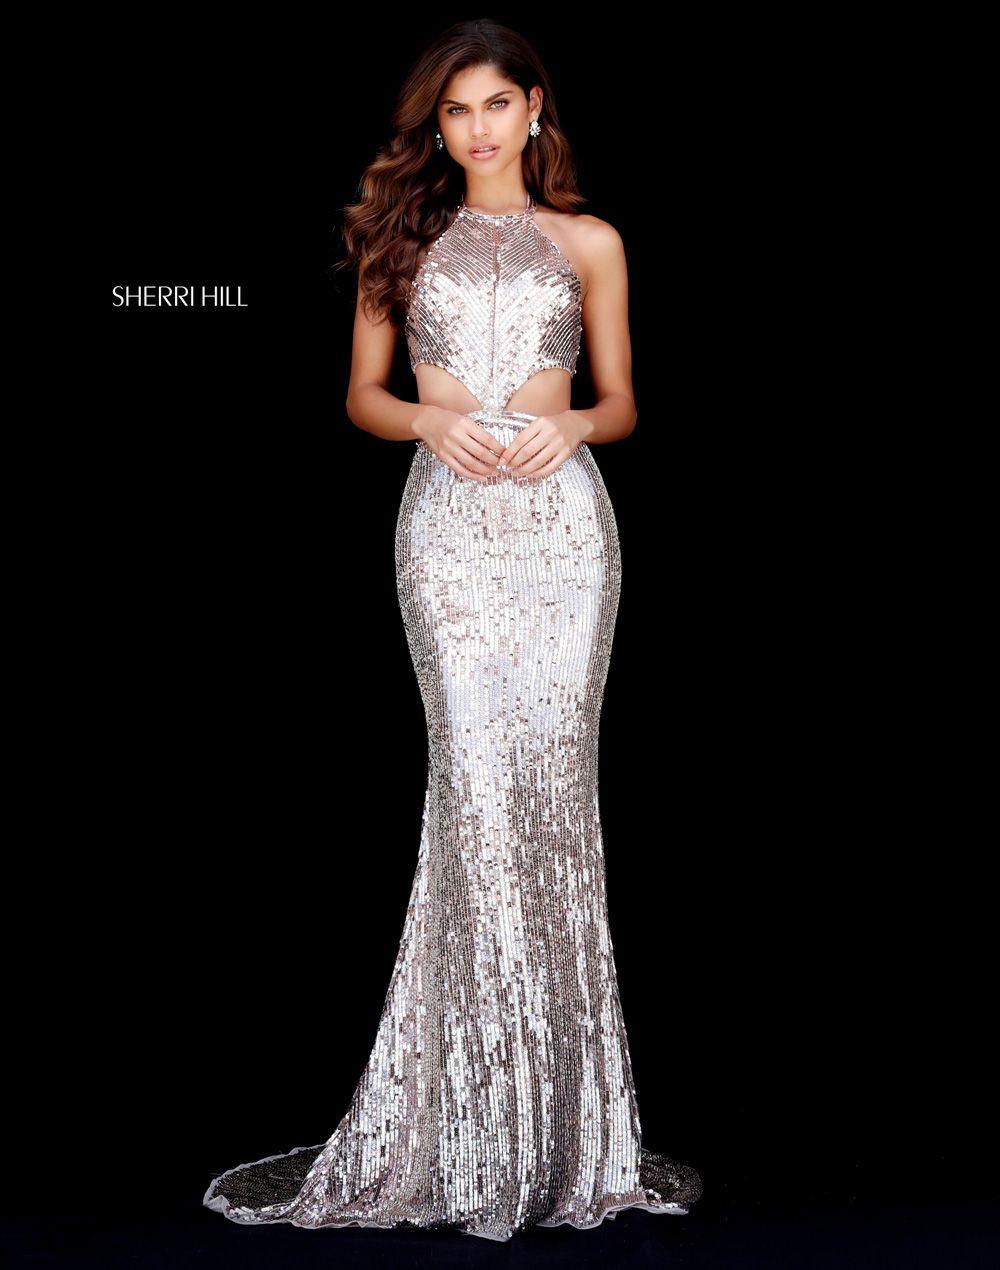 tendencia en vestidos de fiesta 2018 5